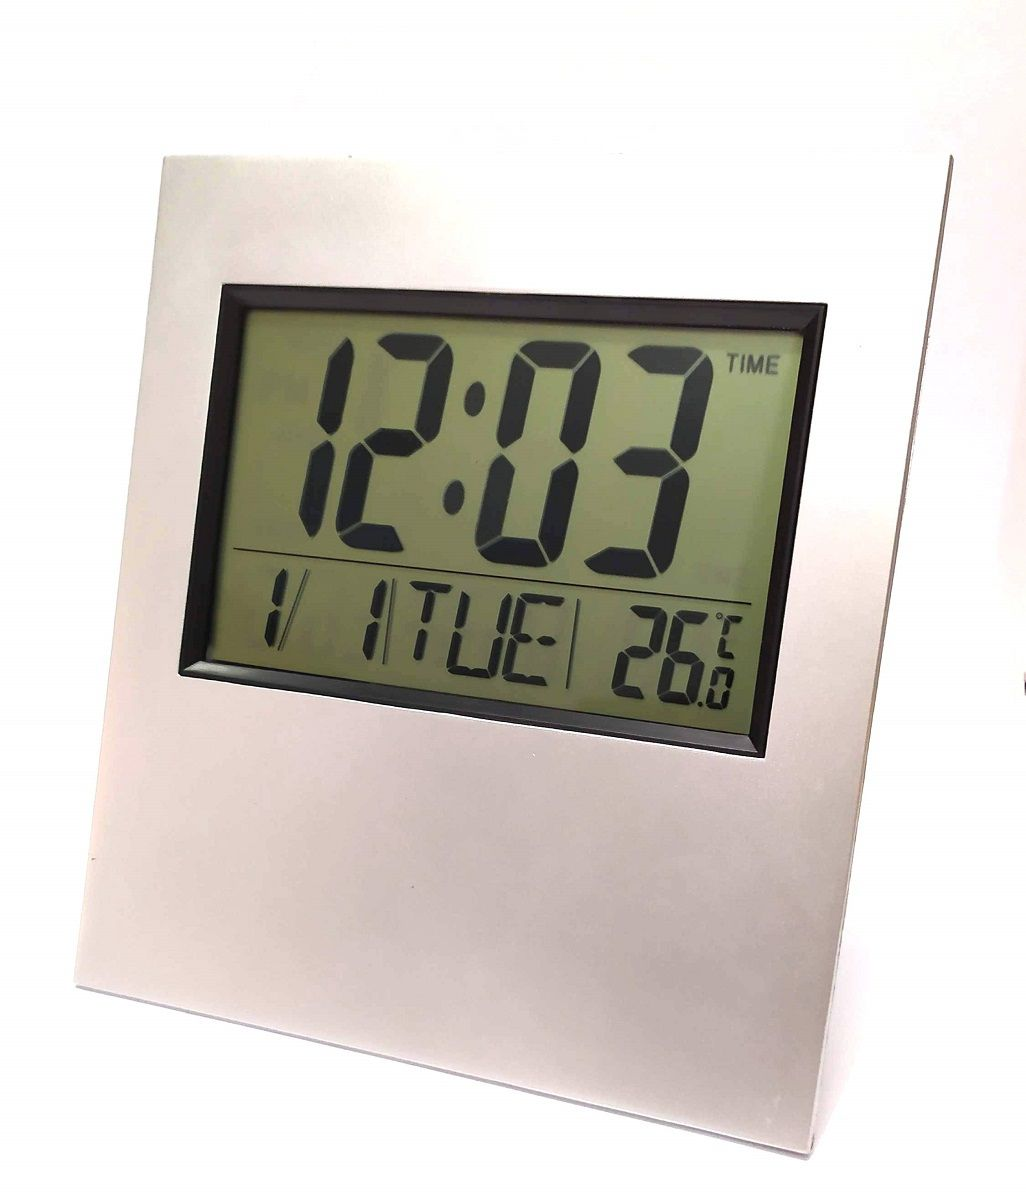 Relógio De Parede Mesa Digital Temperatura Data E Despertador Kenko KK-2803